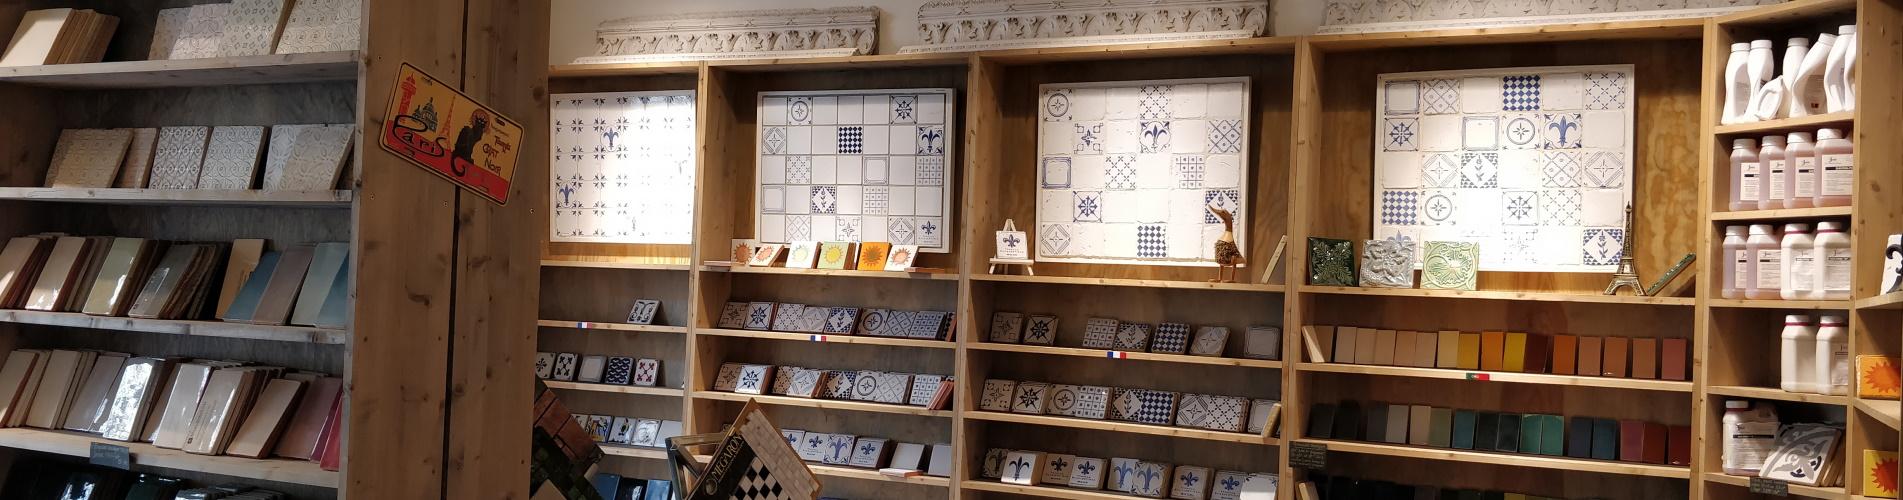 Franska Kakelbutiken Interior